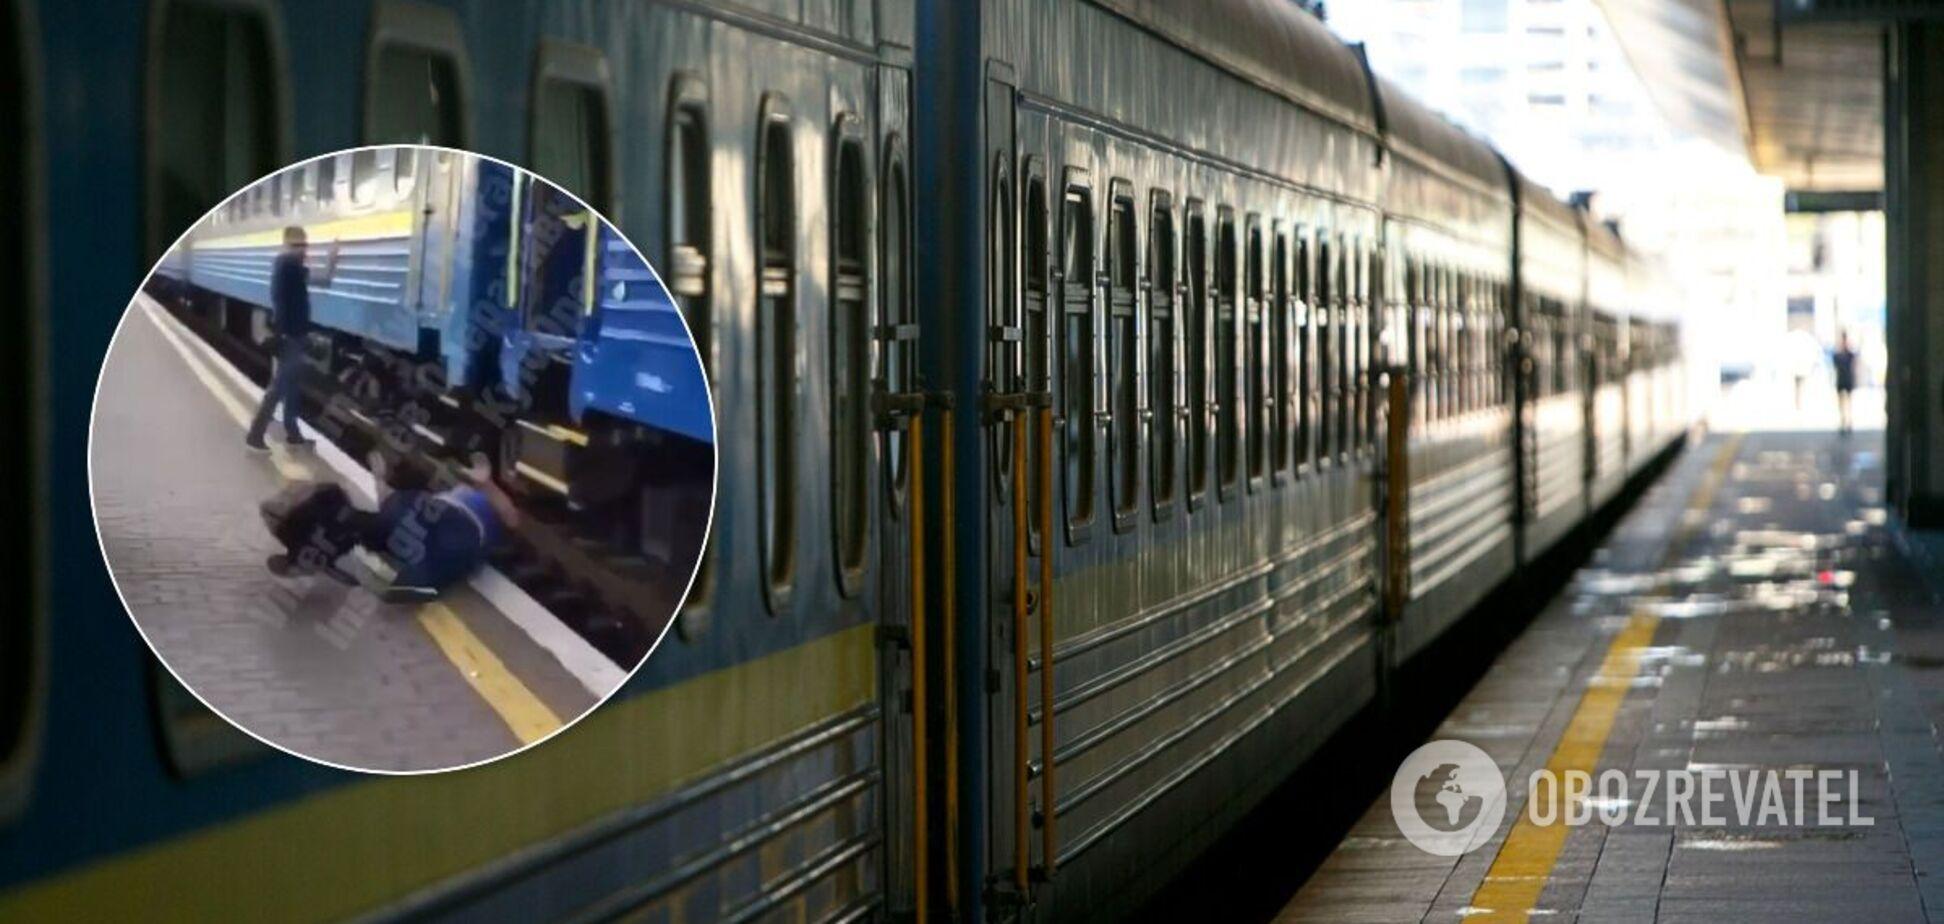 У Києві чоловік намагався на ходу застрибнути у поїзд і ледве не загинув. Відео 18+